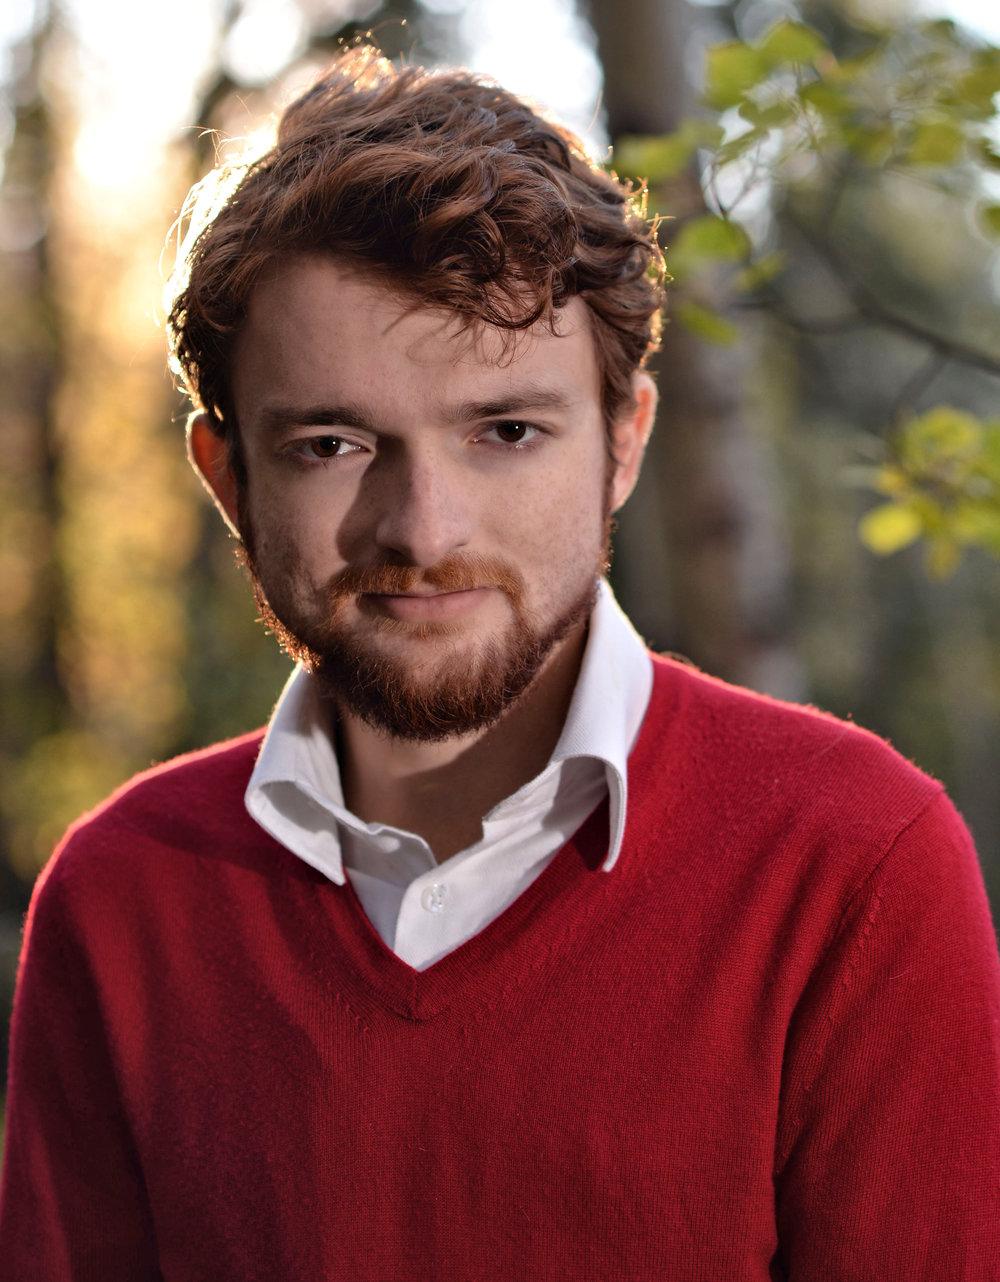 Ben Jacobs/Dr. Polidori